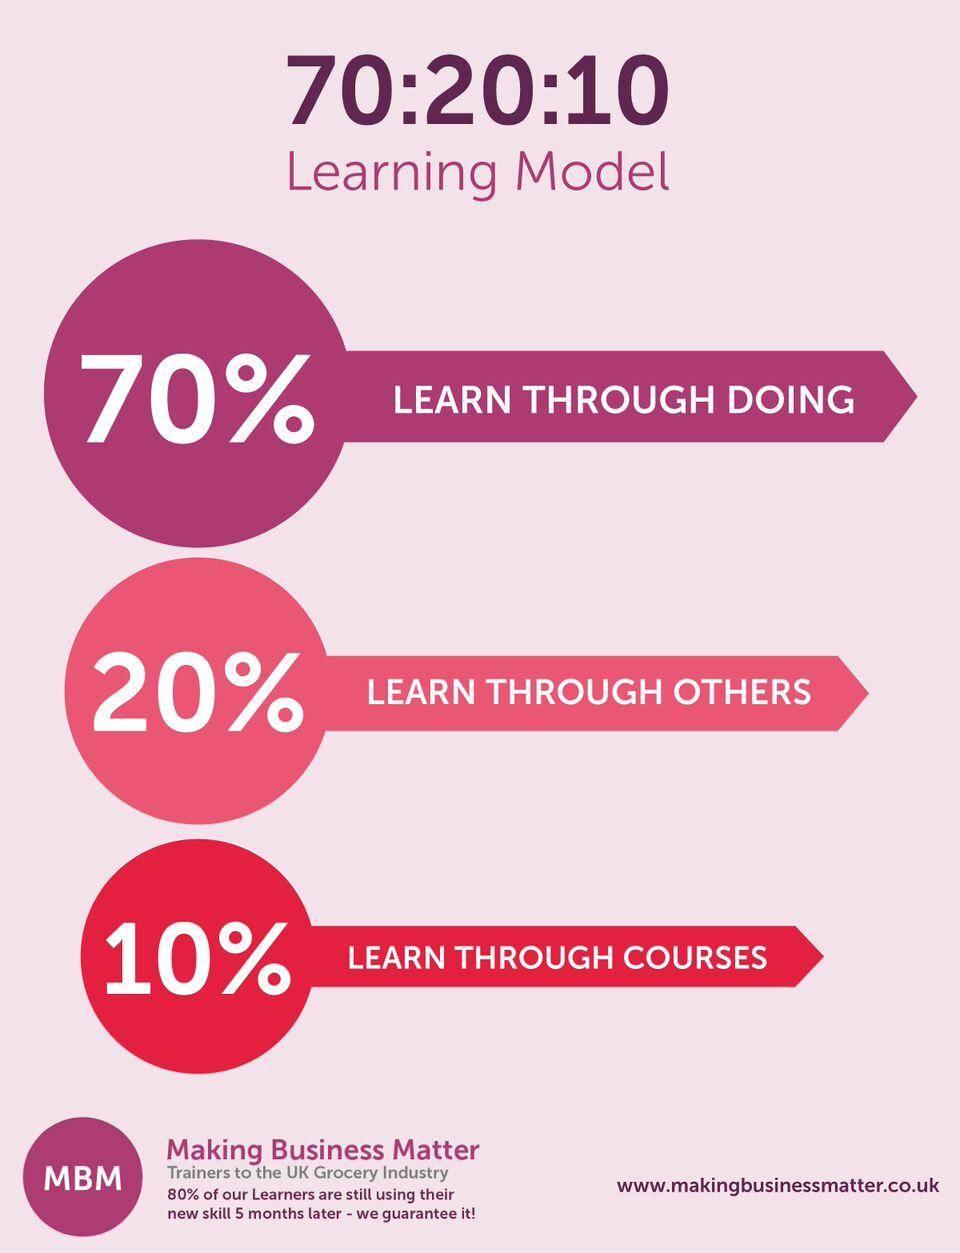 70% 20% 10% Learning Model Image Making Business Matter MBM